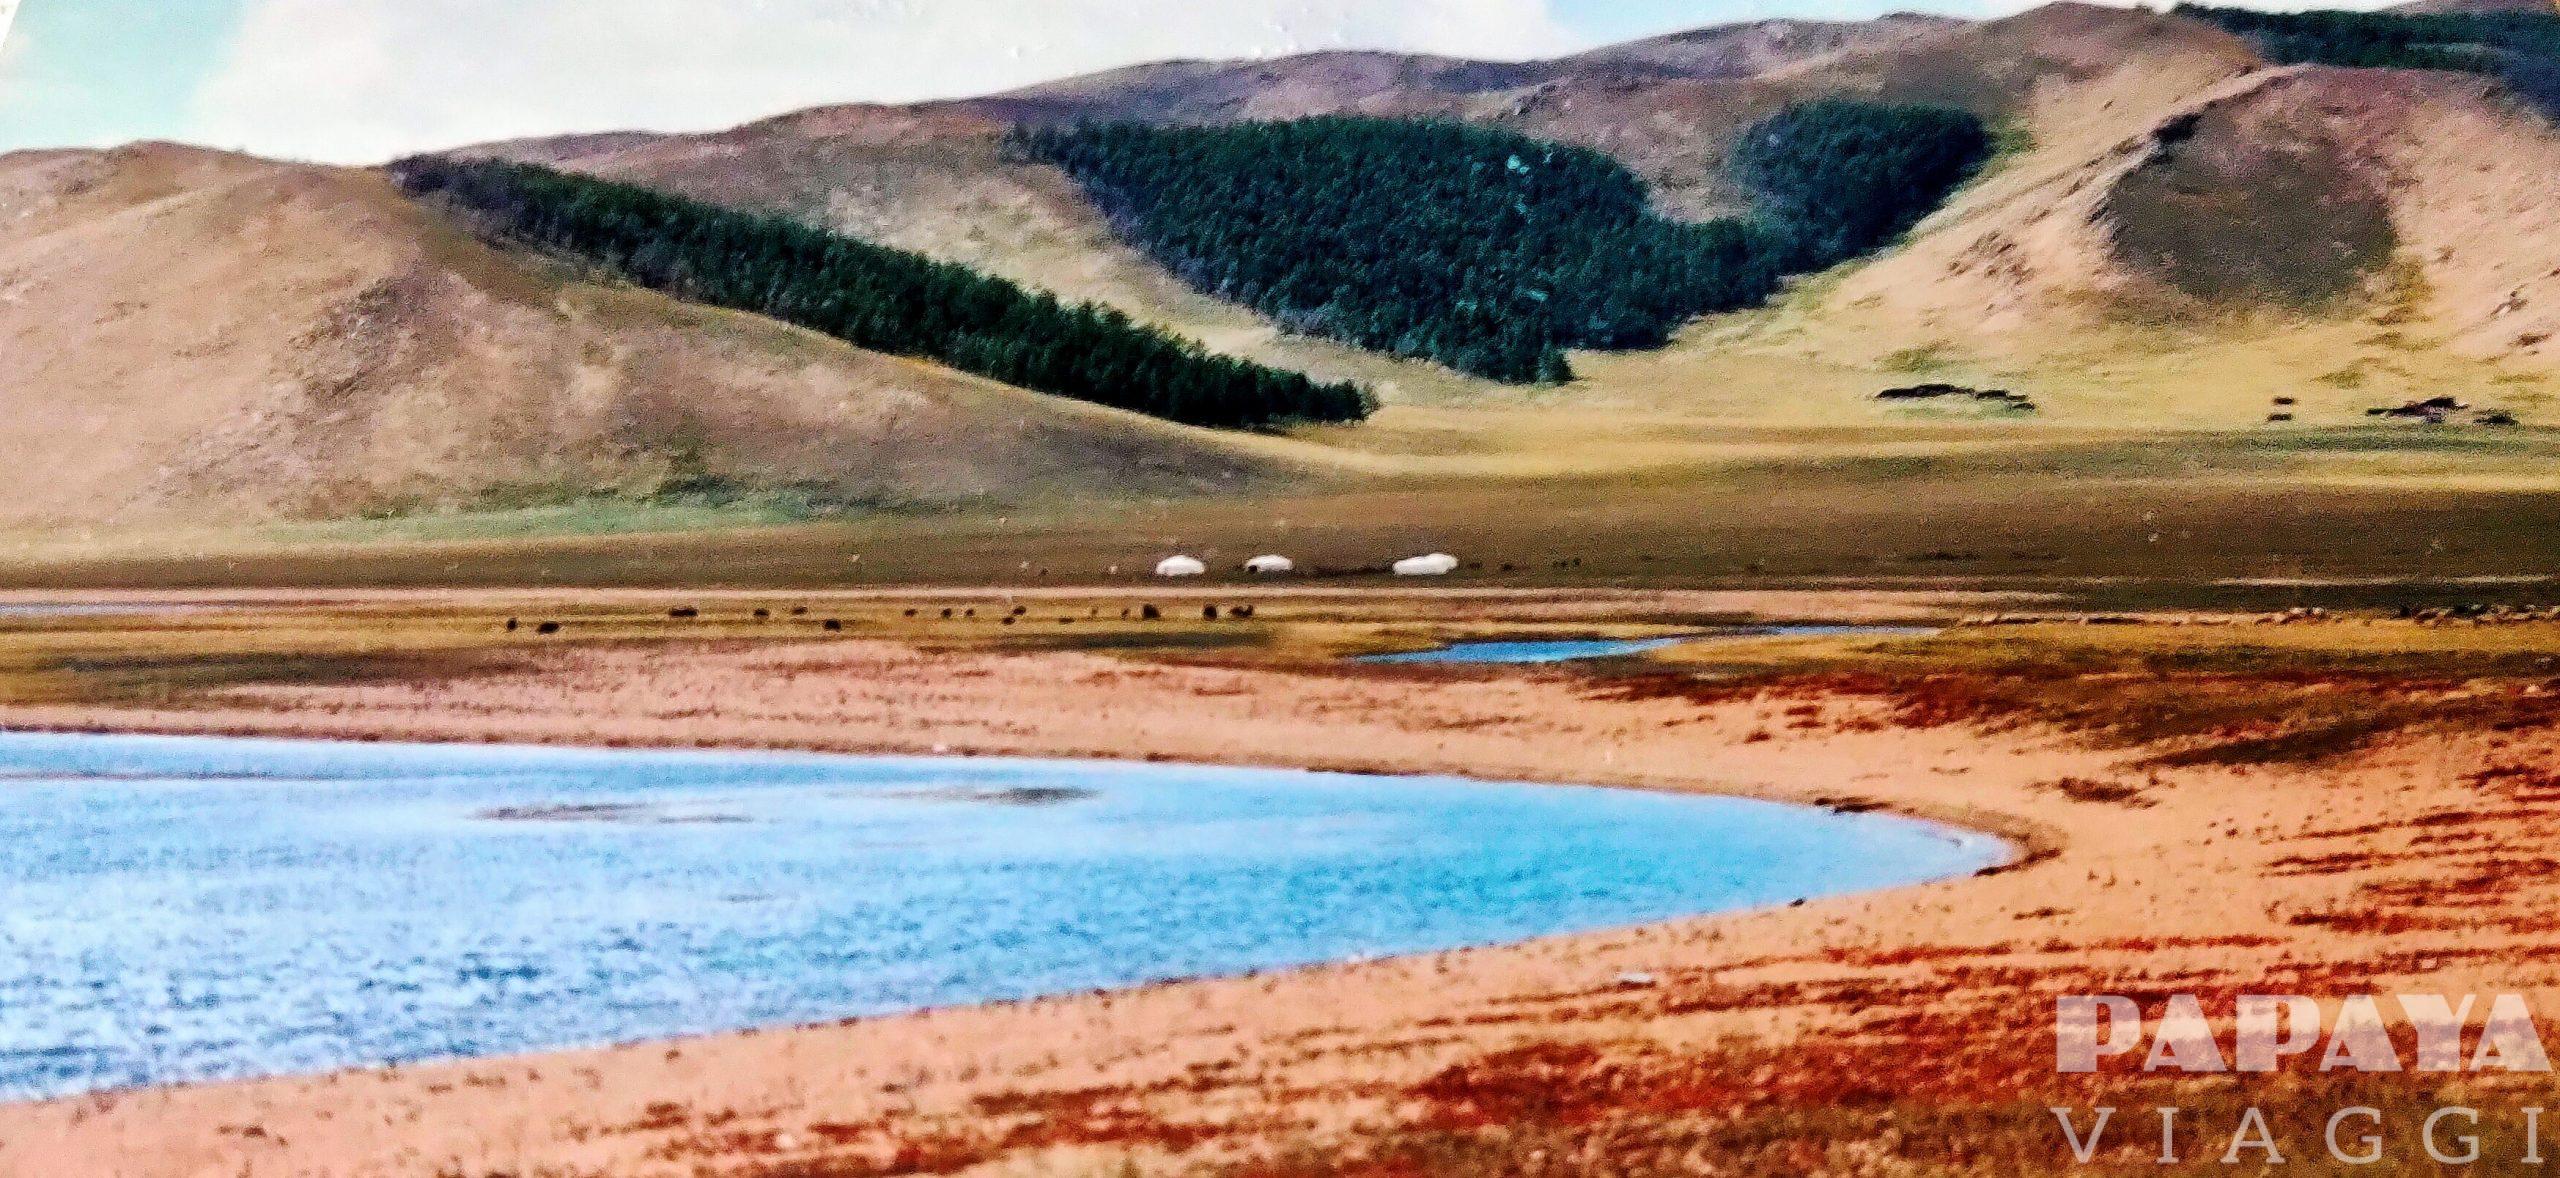 Mongolia, spazi immensi